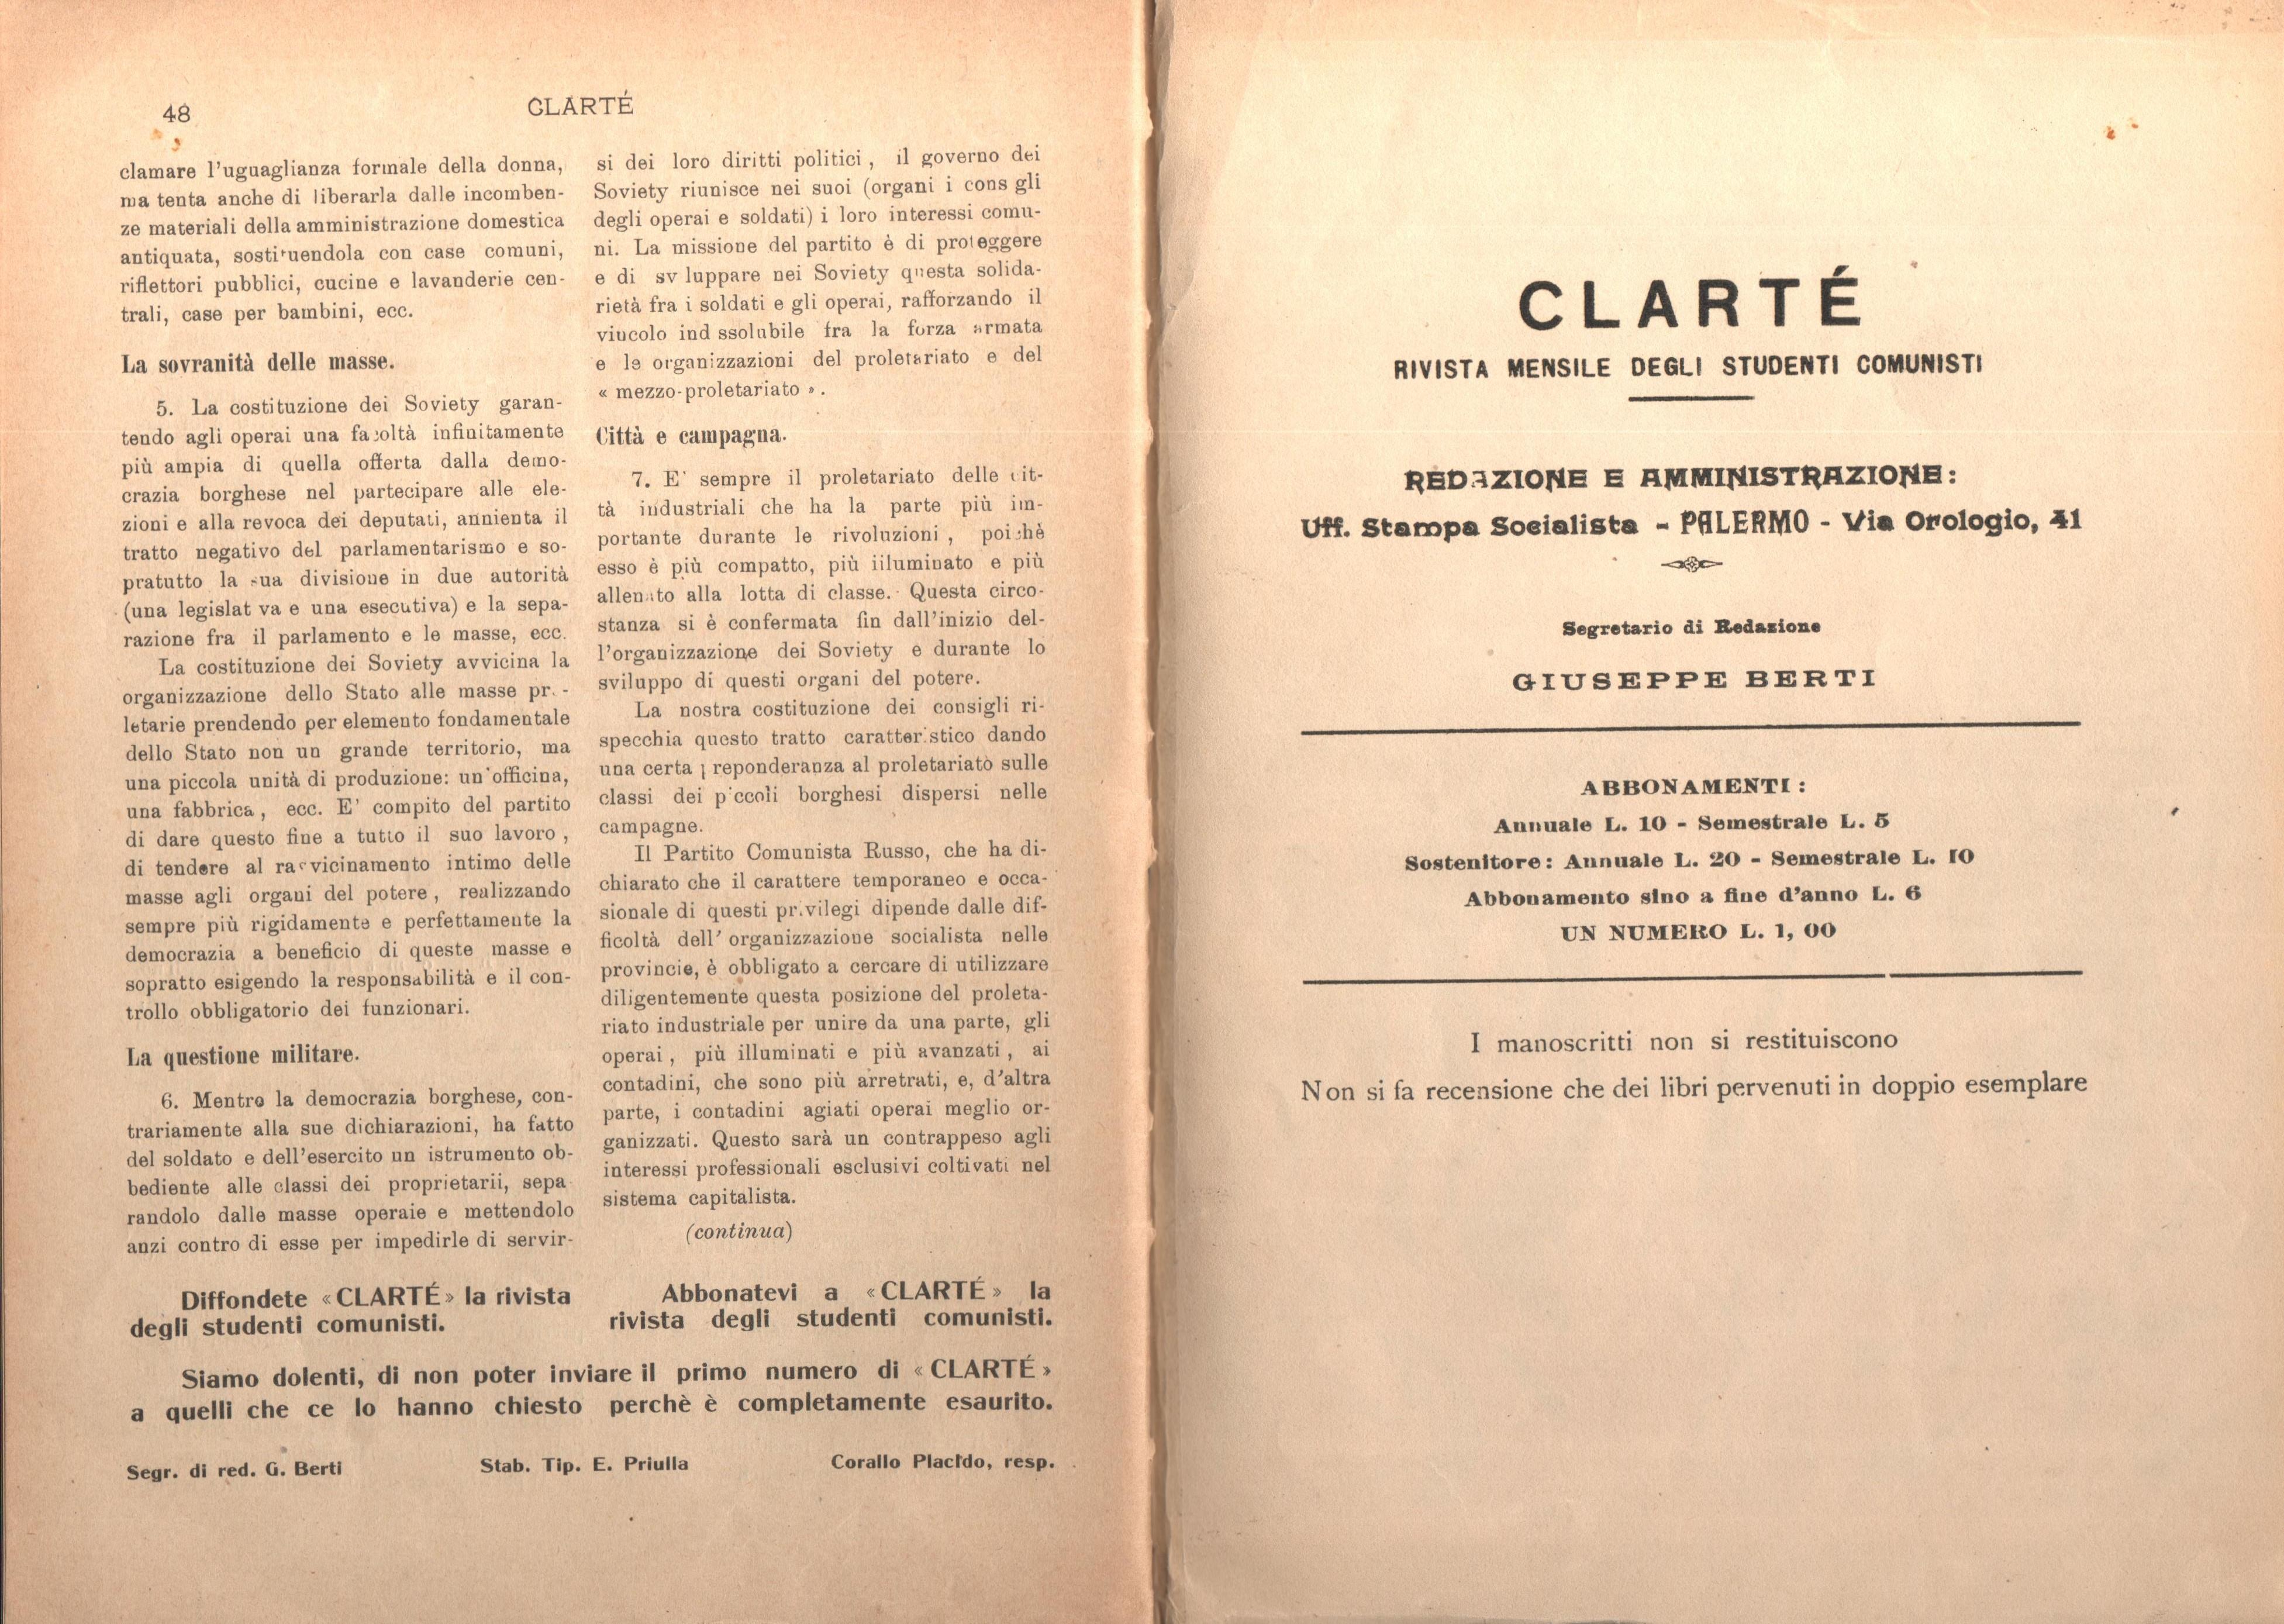 Clarté. Rivista mensile degli studenti comunisti (a. I, n. 2, Palermo, 15 giugno 1920) - pag. 14